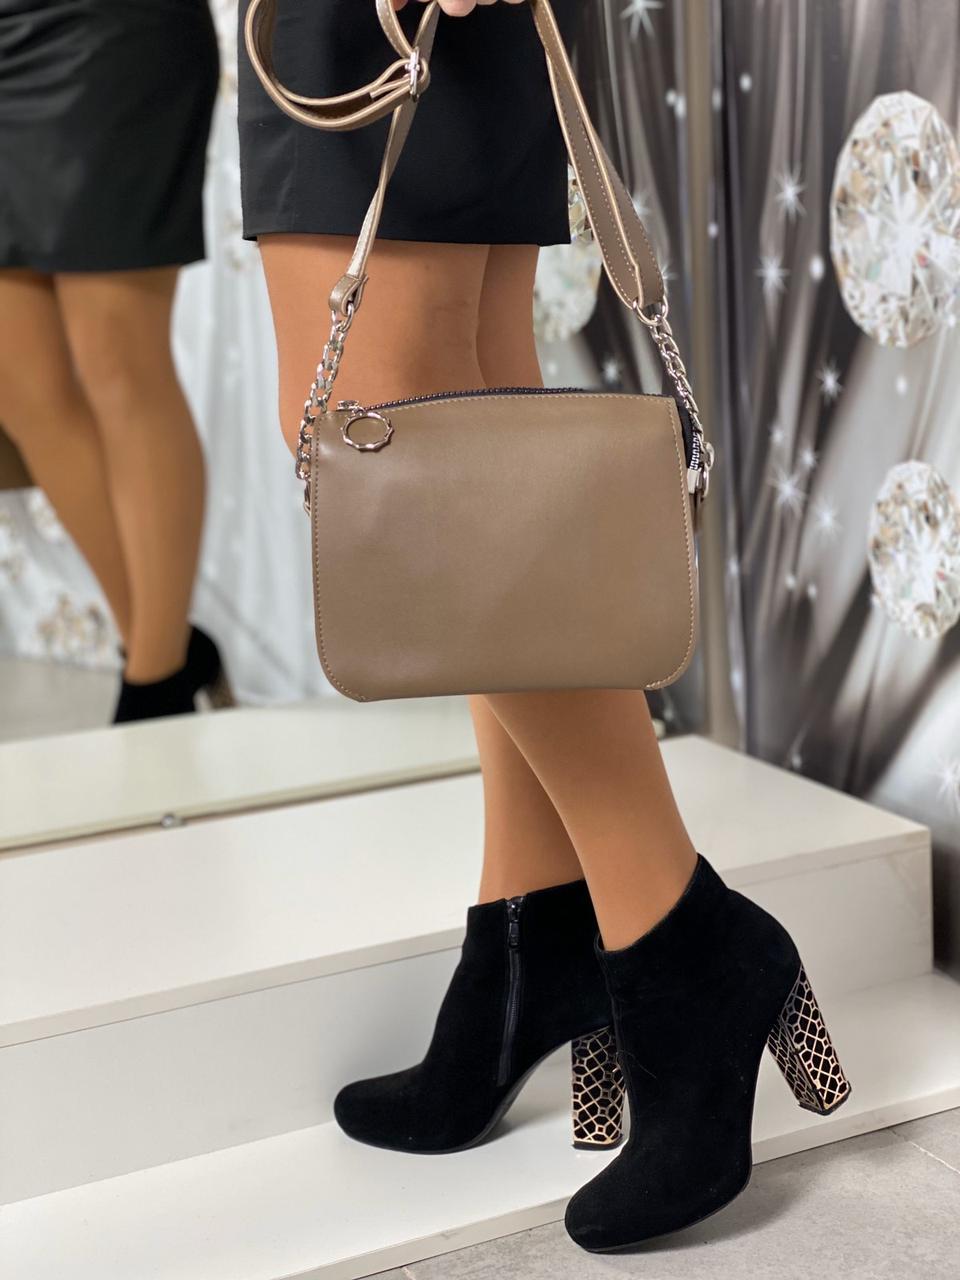 Маленькая женская сумочка через плечо клатч кросс-боди сумка на цепочке капучино экокожа